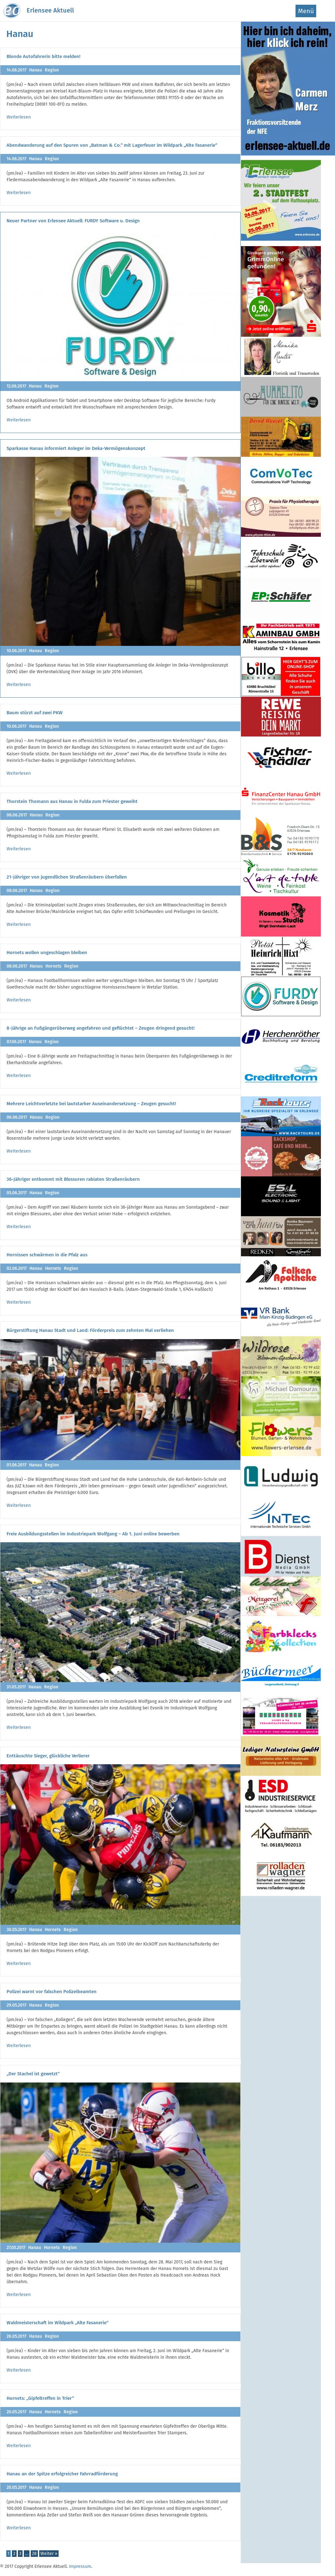 Hanau Aktuell's website screenshot on Jun 2017